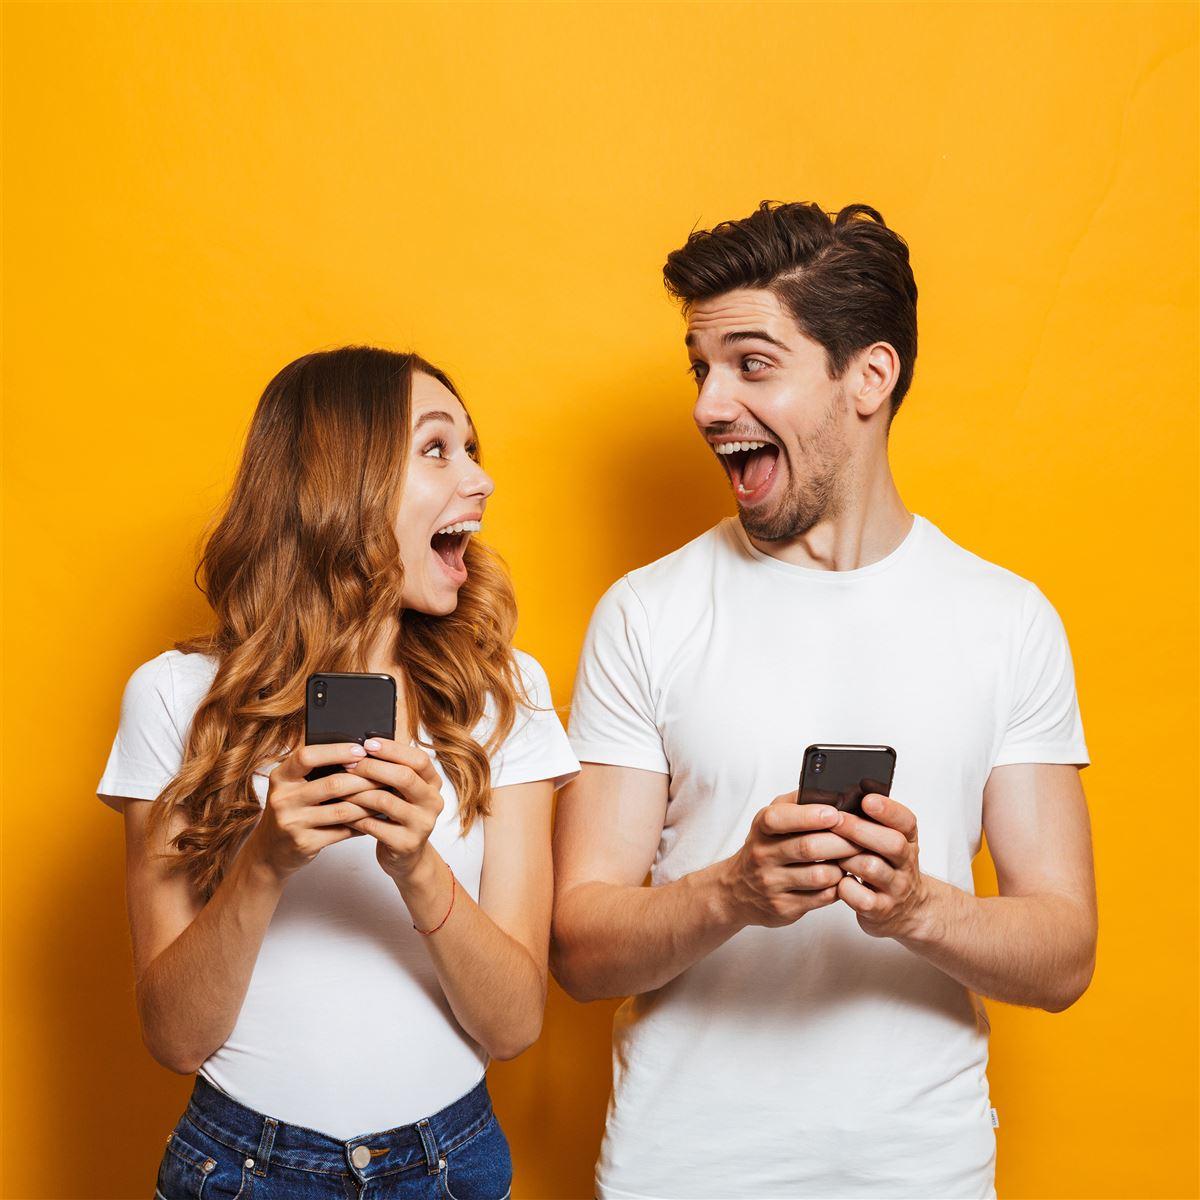 En mand og en kvinde holder hver sin mobiltelefon og ser meget begejstrede ud